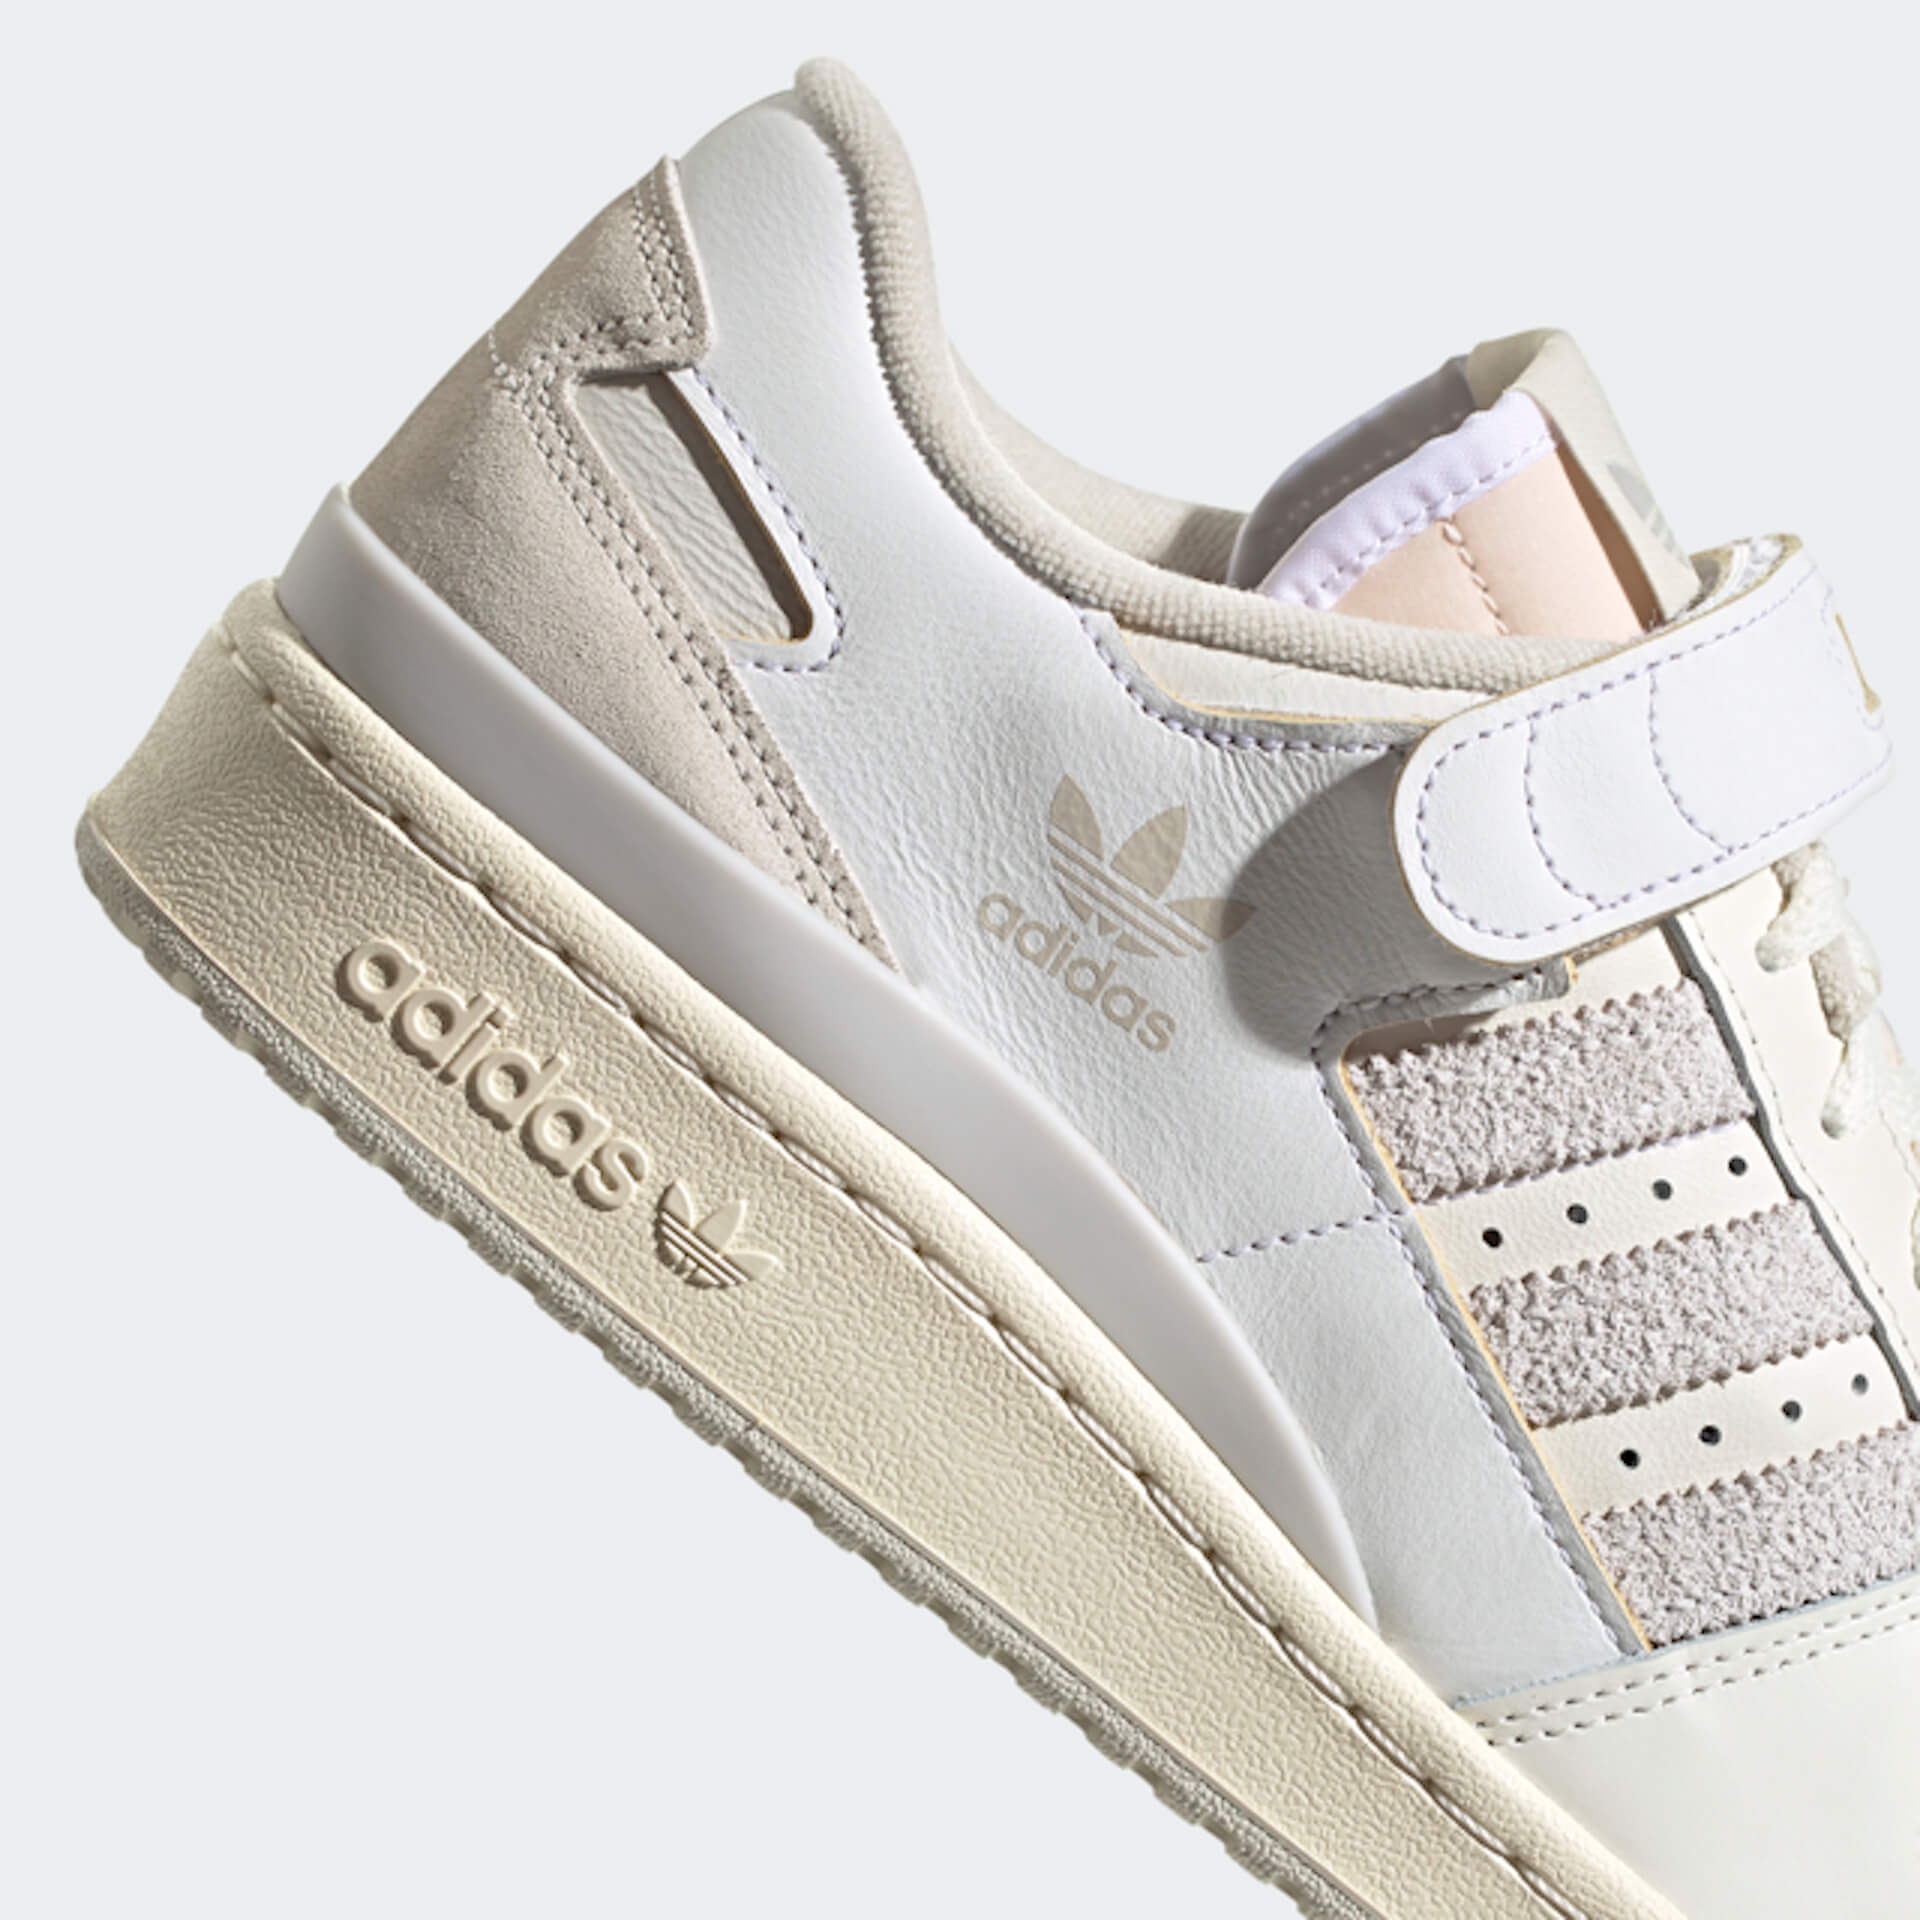 オリジナルカラー復刻で話題のadidas Originals「FORUM 84」に新色が追加!クリーム&グレーの2モデルとグリーンストライプスの1モデル life210305_adidas_forum84_7